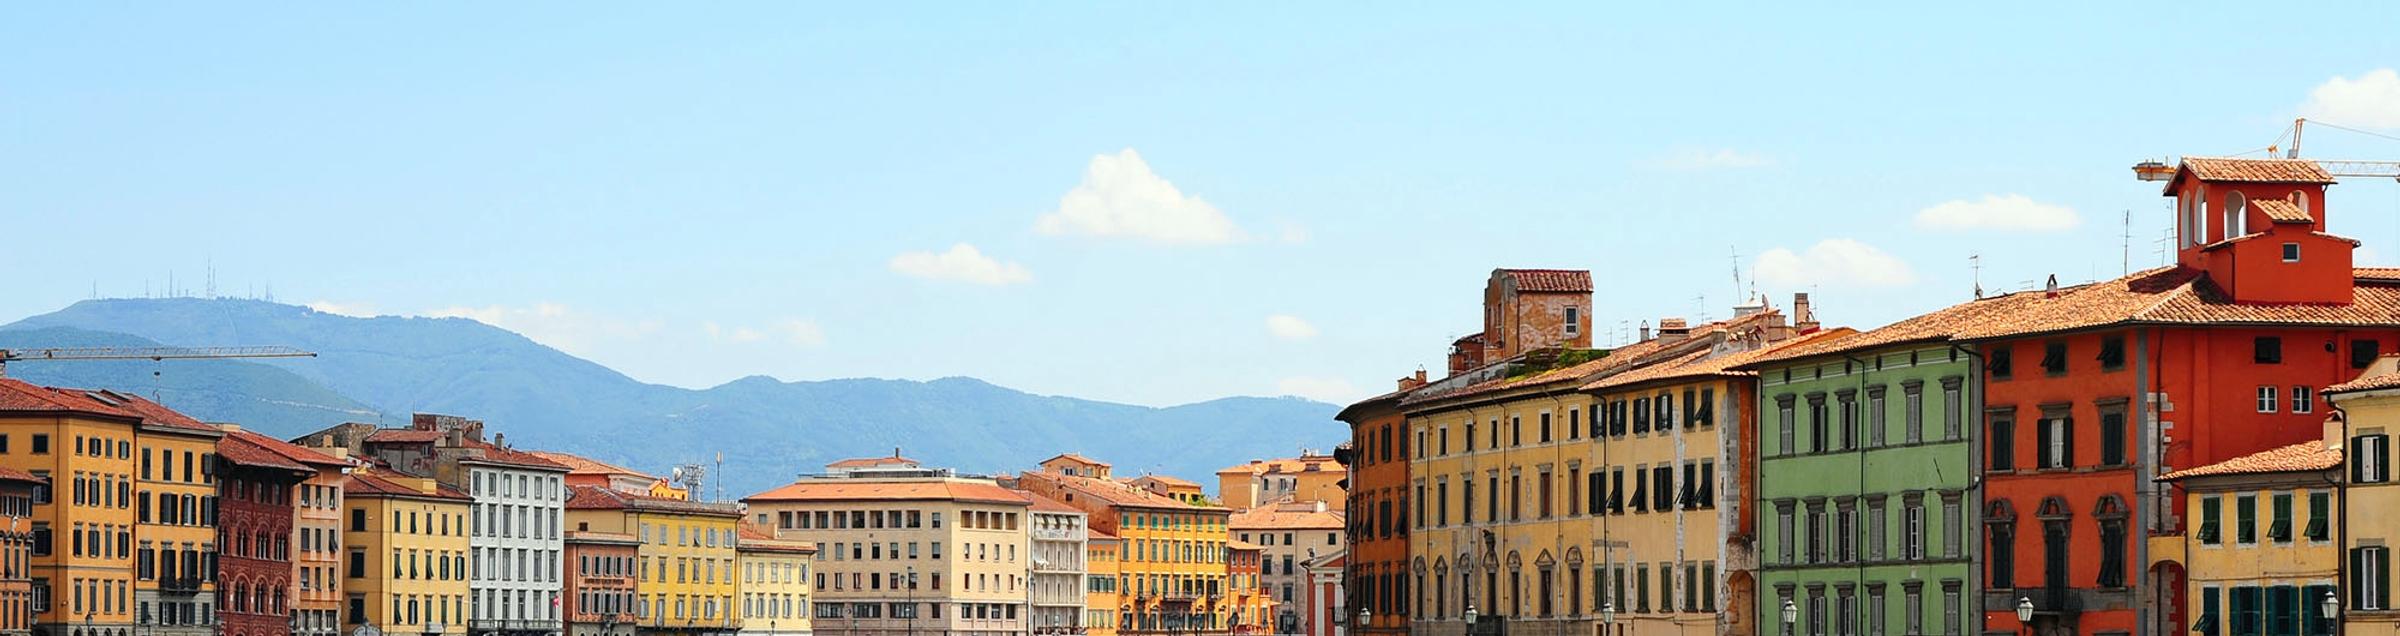 Hotels in Pisa   Hotels in Pisa suchen und vergleichen